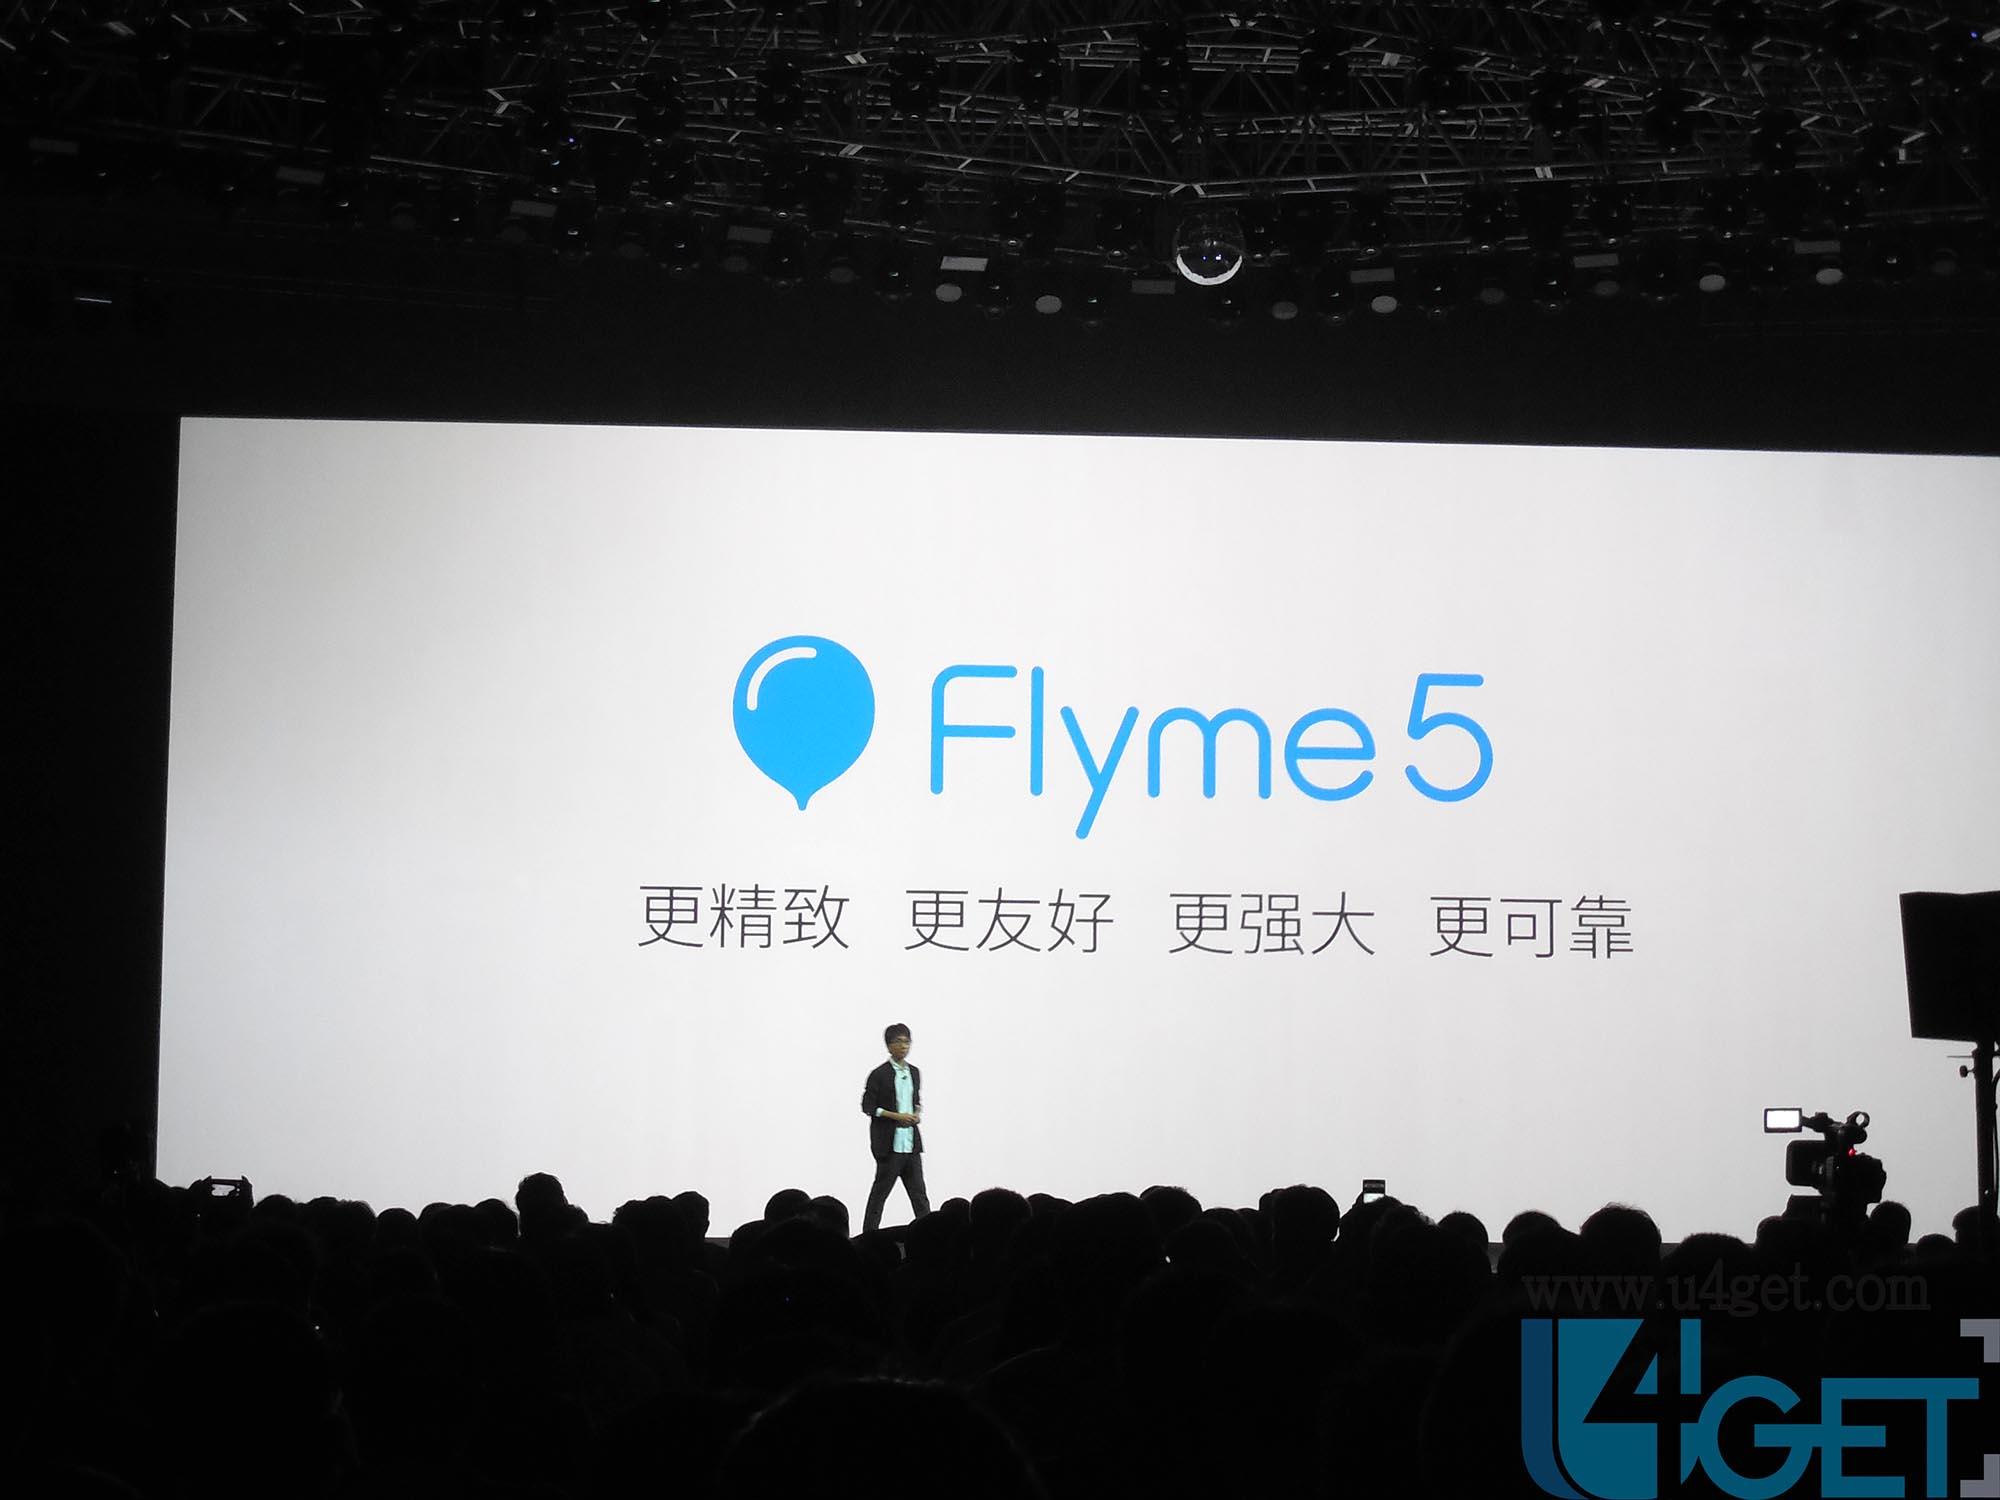 新介面推出   Flyme 5.0 更加實用